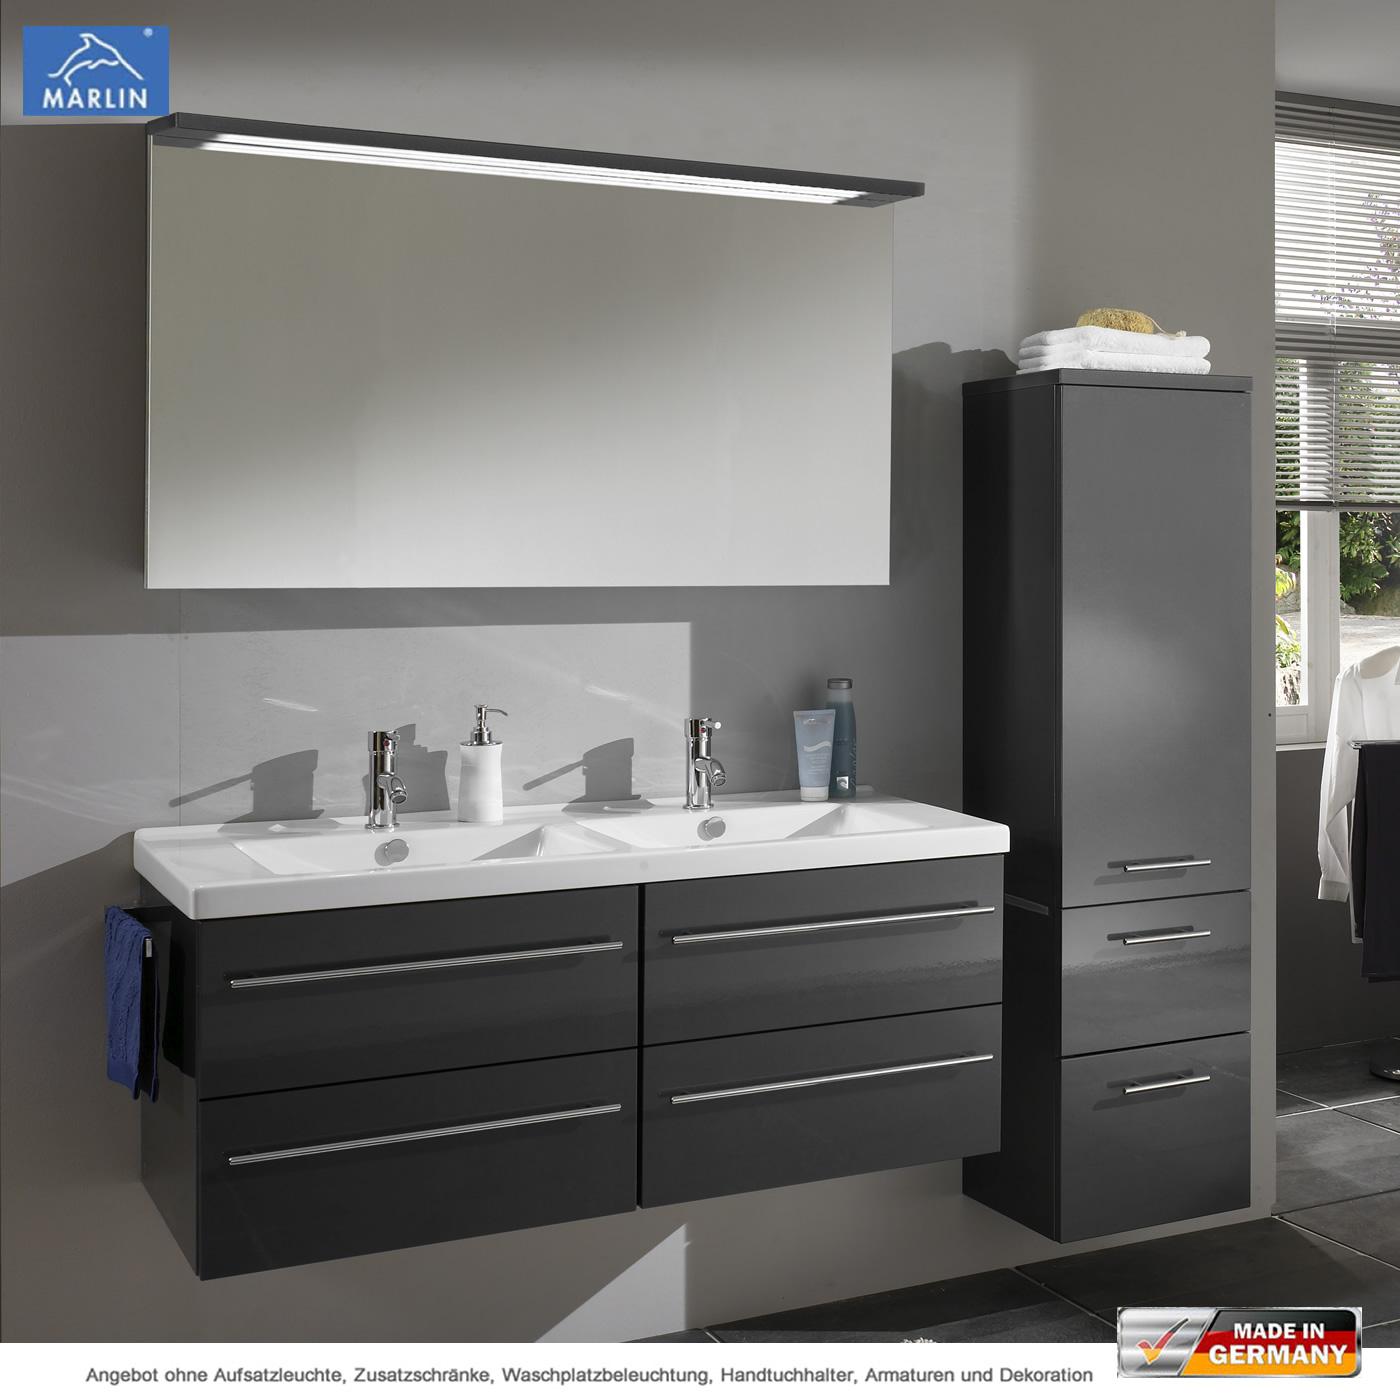 Marlin 3040 City Plus Badmobel Als Set 120 Cm Mit Spiegelpaneel Und Doppelwaschtisch Impulsbad